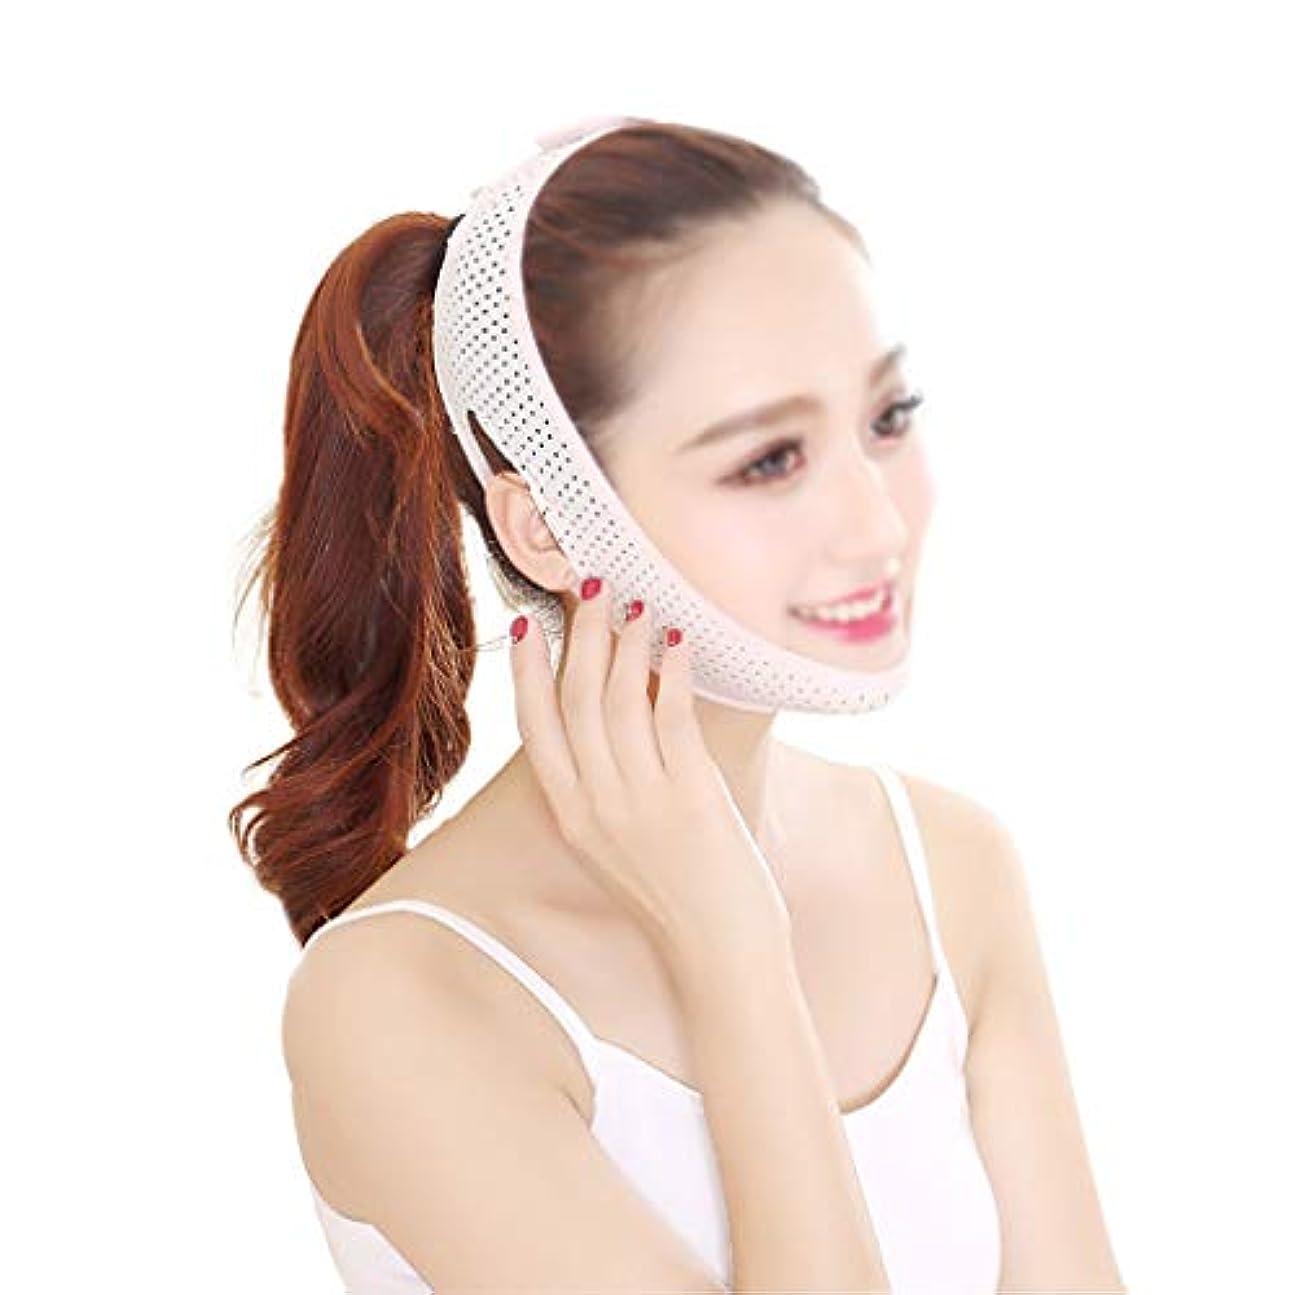 パイプライン商標設計小さなv顔のアーティファクトマスクビームフェイスマスク包帯持ち上がる顔引き締めネット赤薄い顔のステッカーと薄い顔